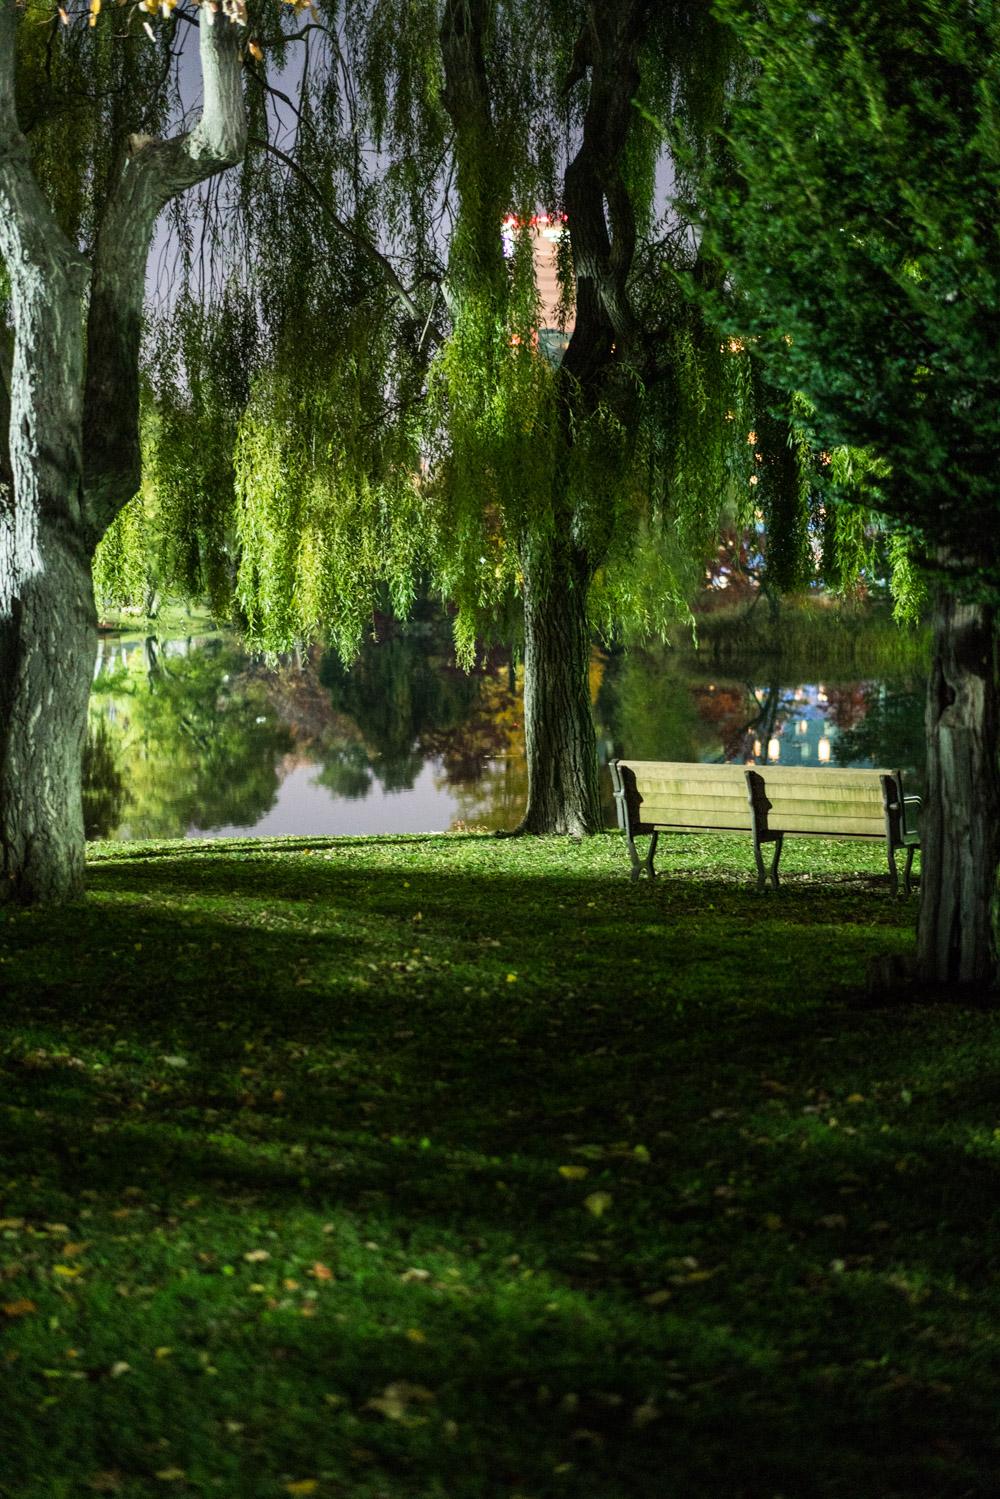 bds-nakajima-park-sapporoDSC02559